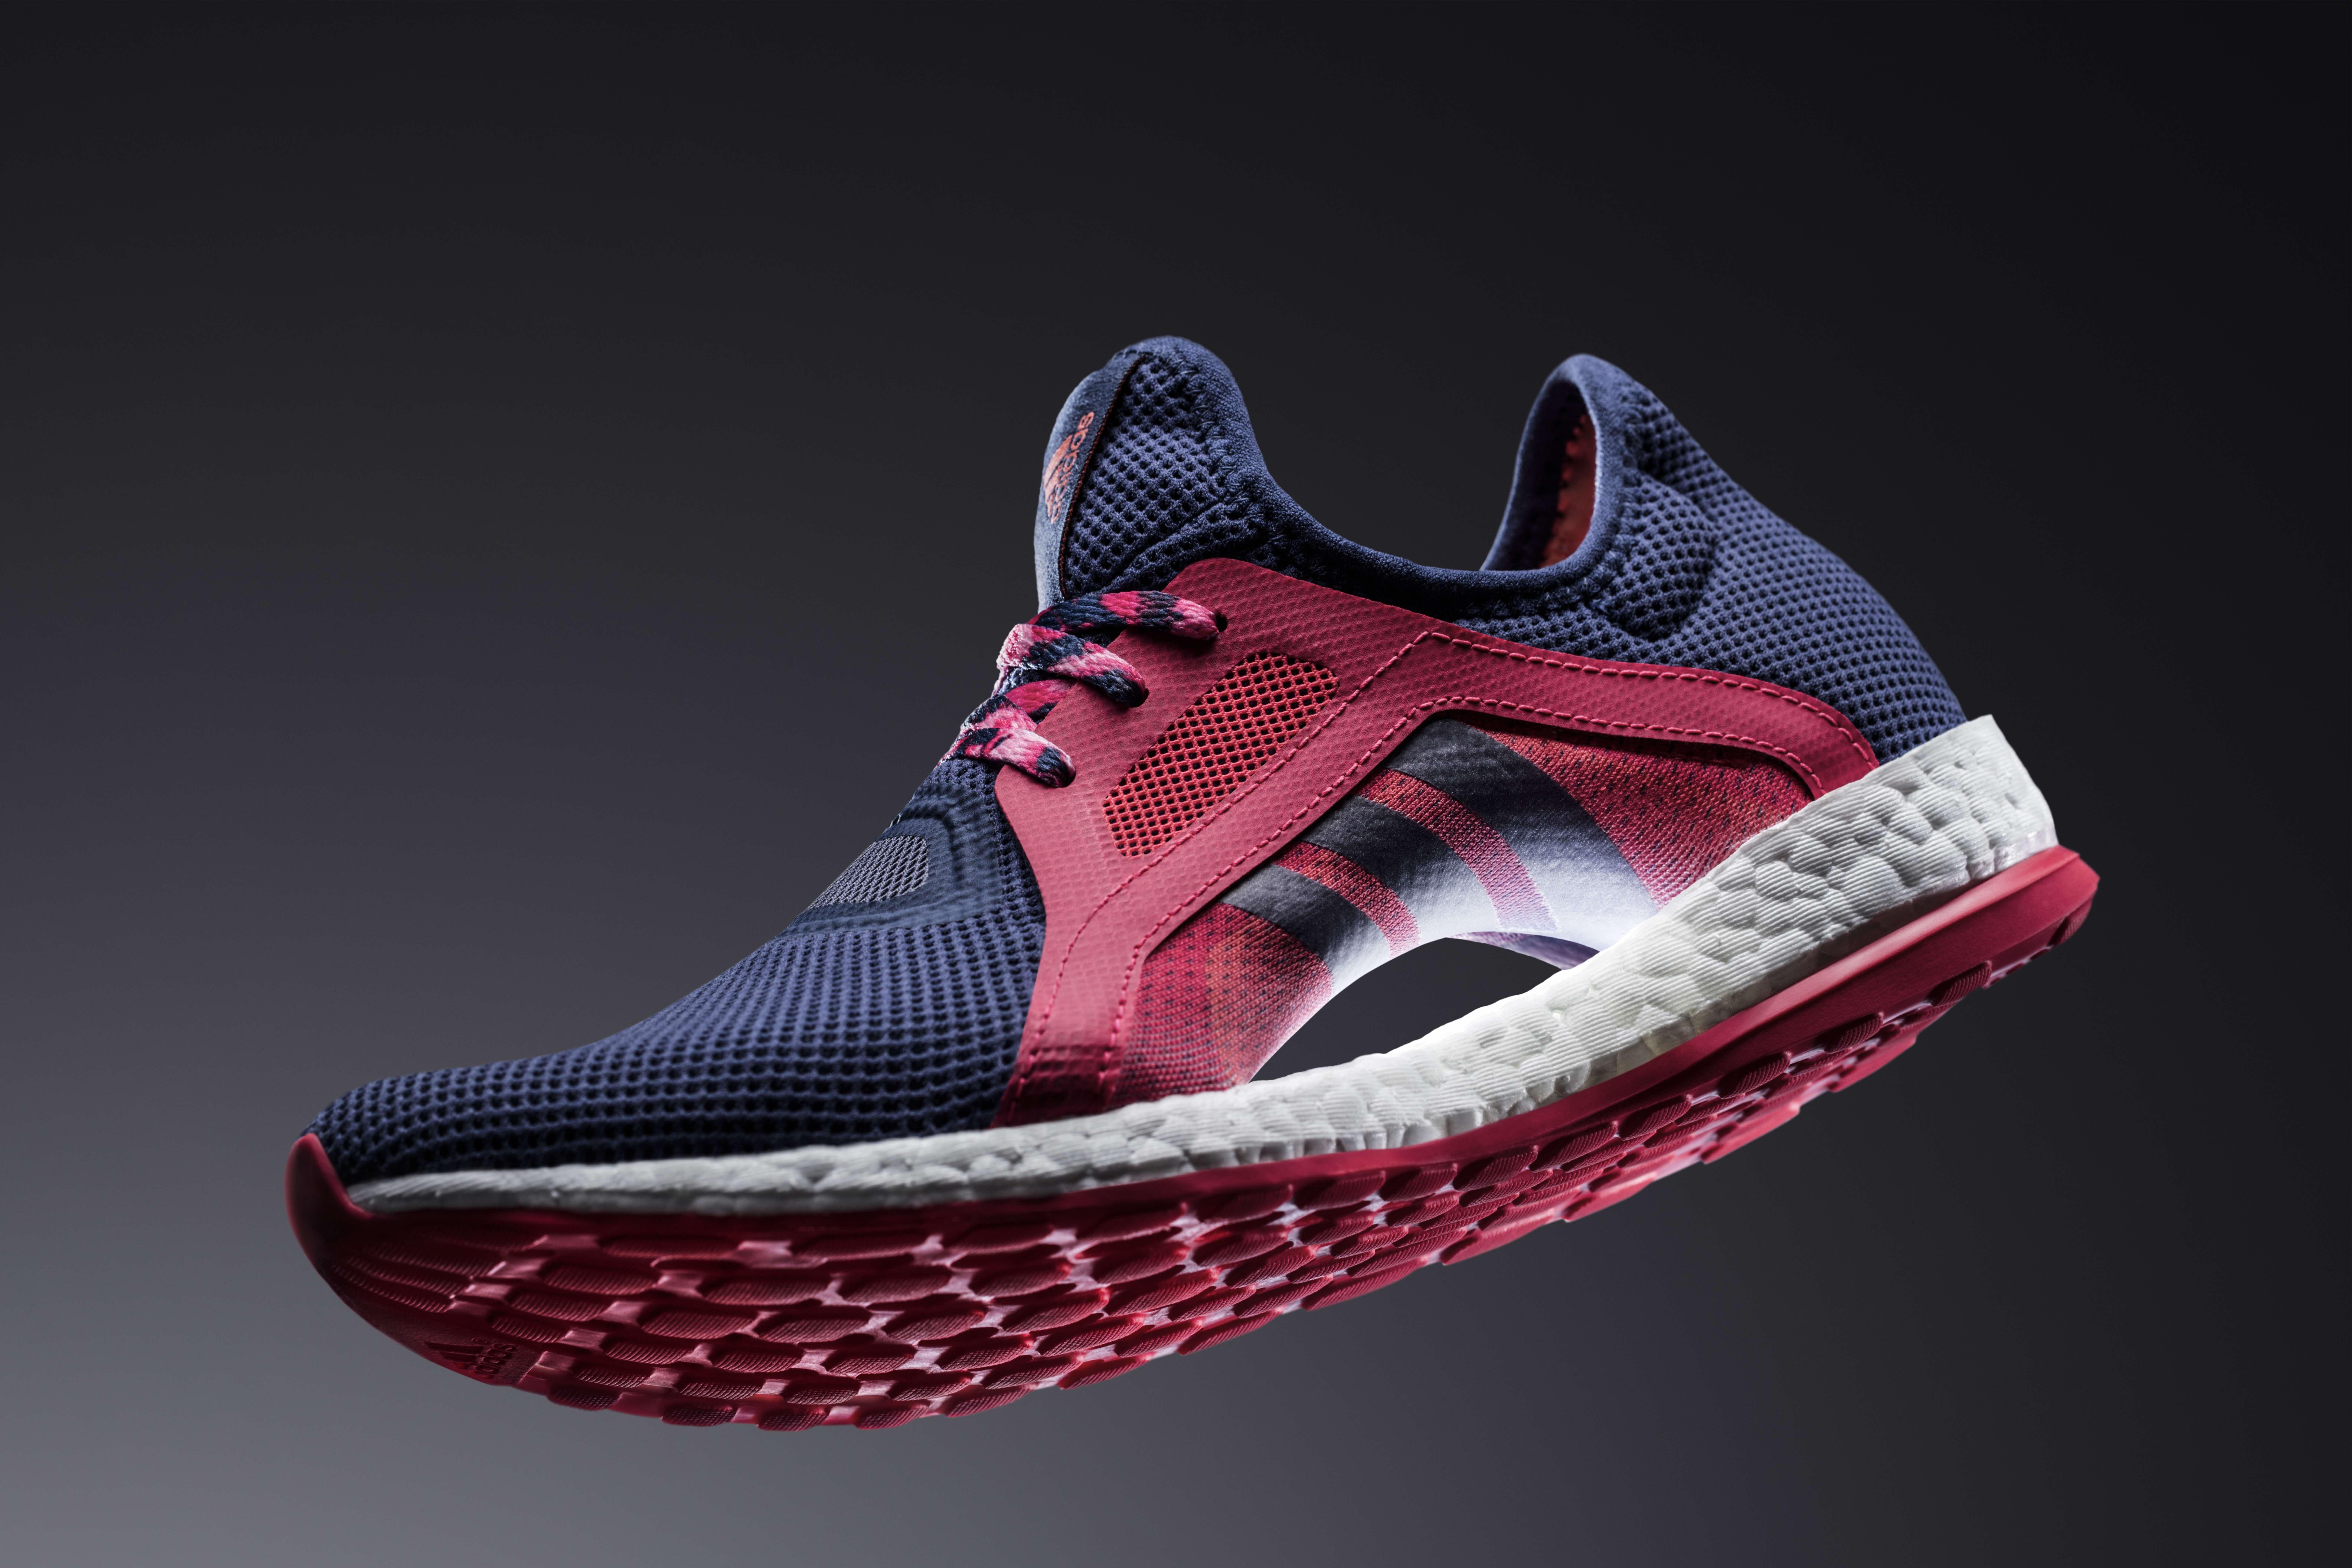 Adidas Unveils PureBOOST X Running Shoe